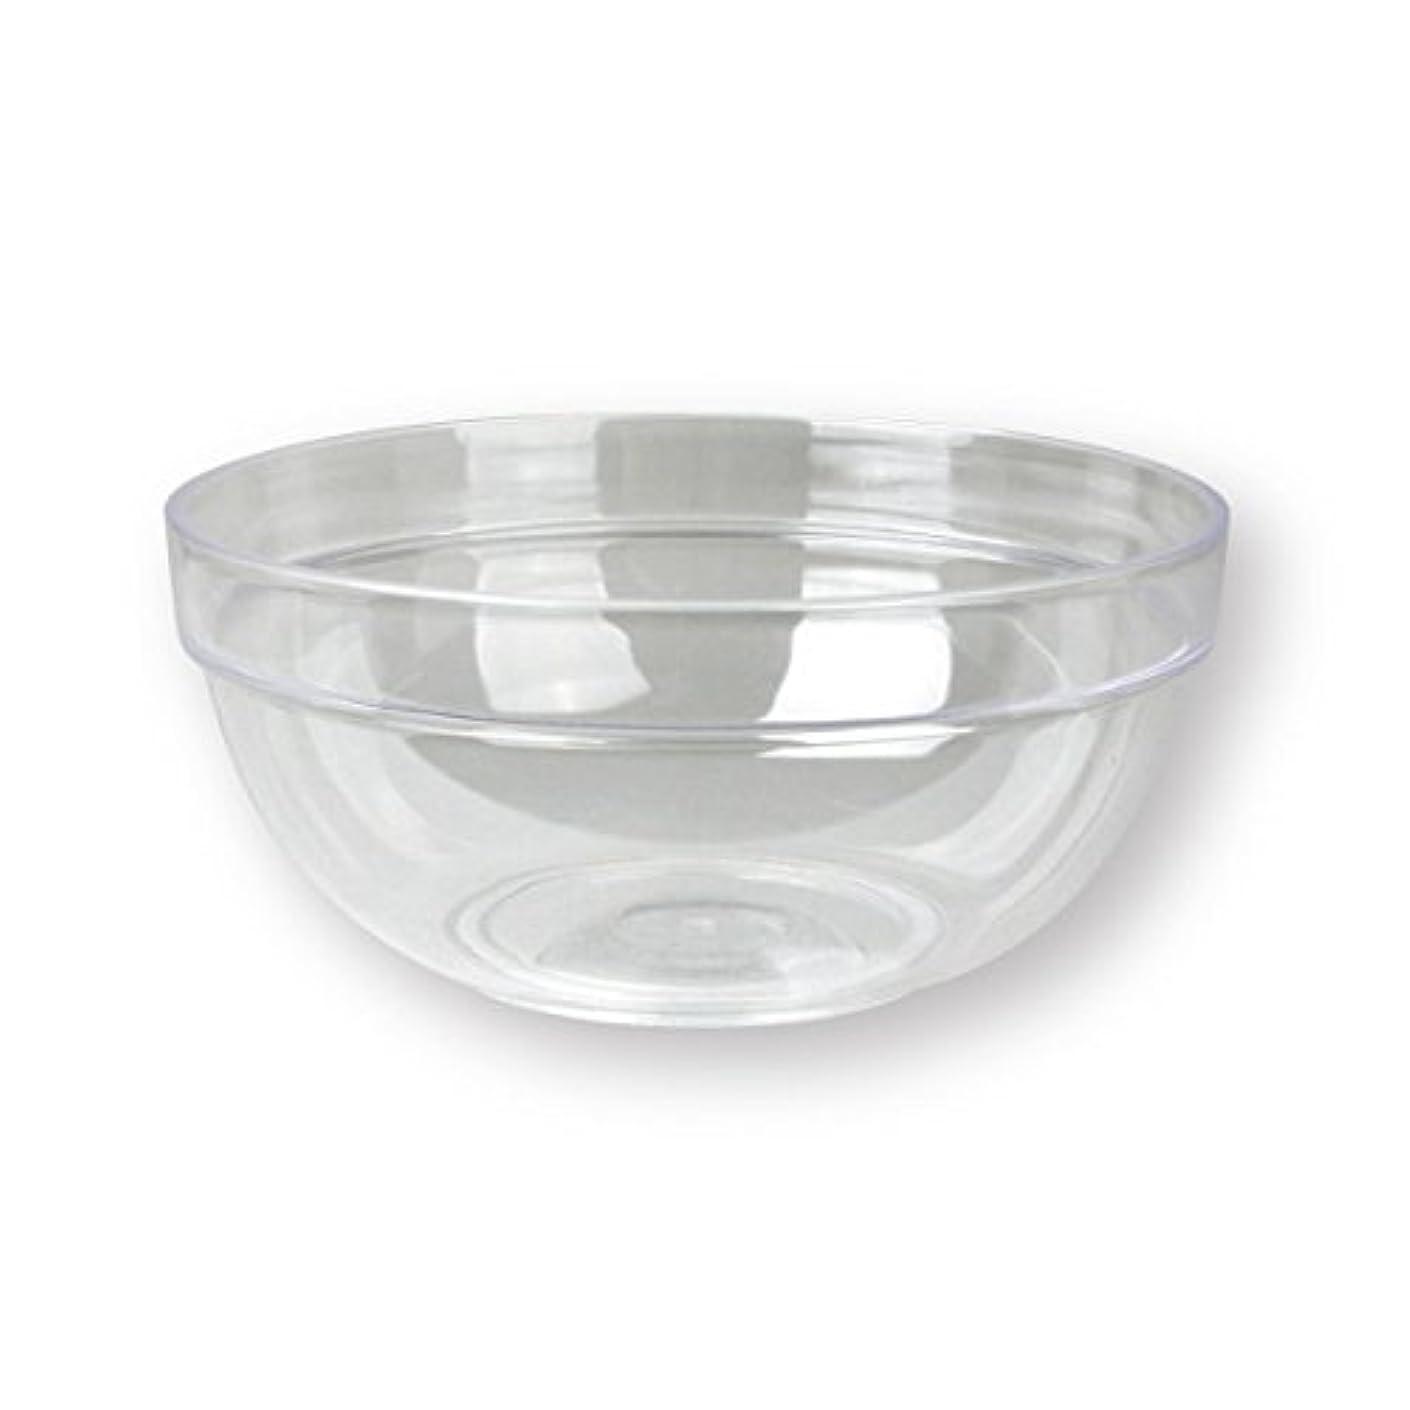 バウンスにんじん哲学的4個セットプラスチックボール プラスチック ボウル カップクリア 直径20cm